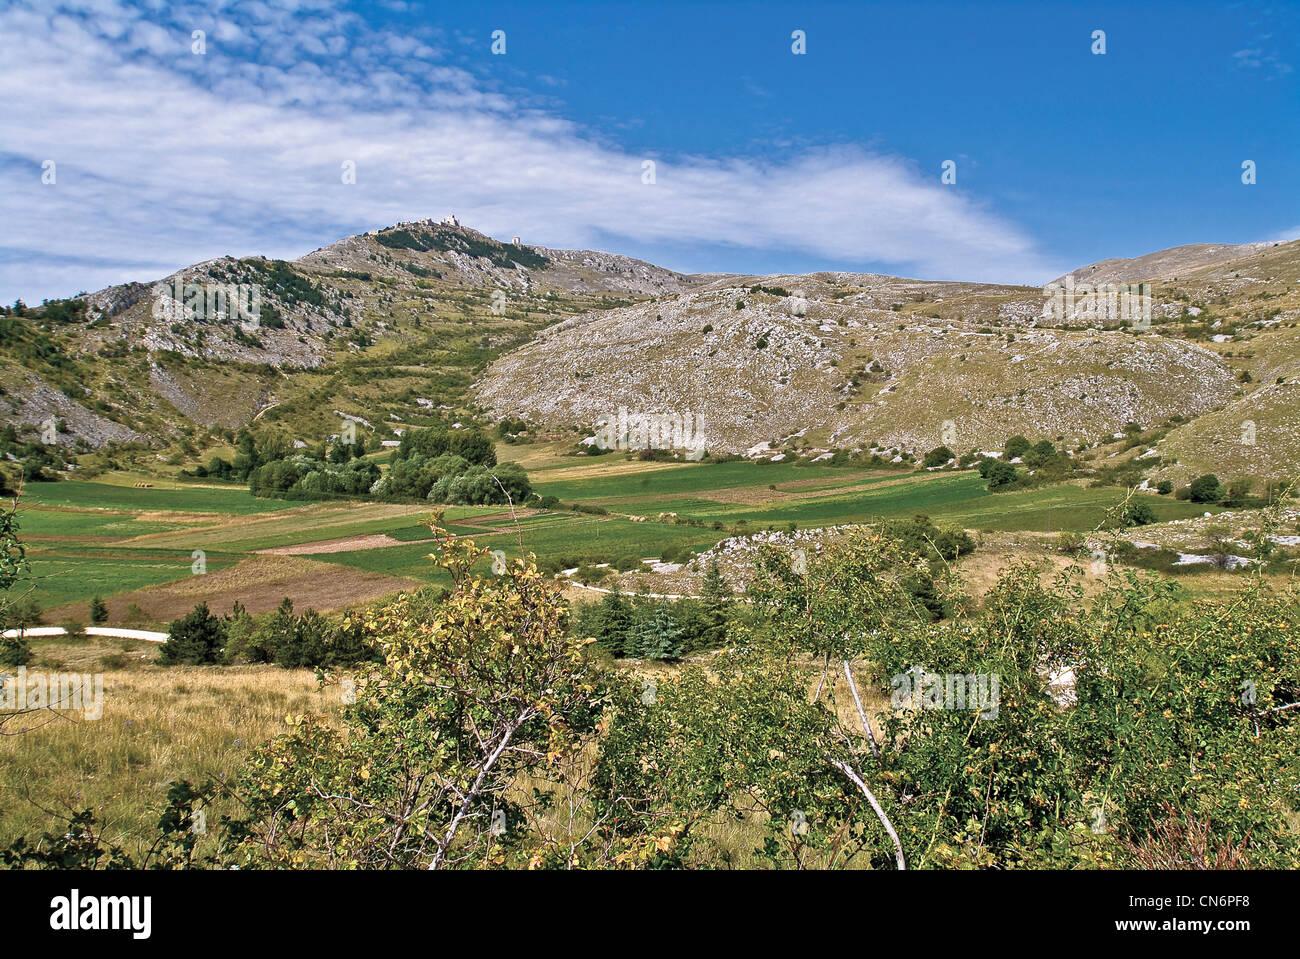 Europe Italy Abruzzi Gran Sasso e Monti della Laga Park landscape - Stock Image